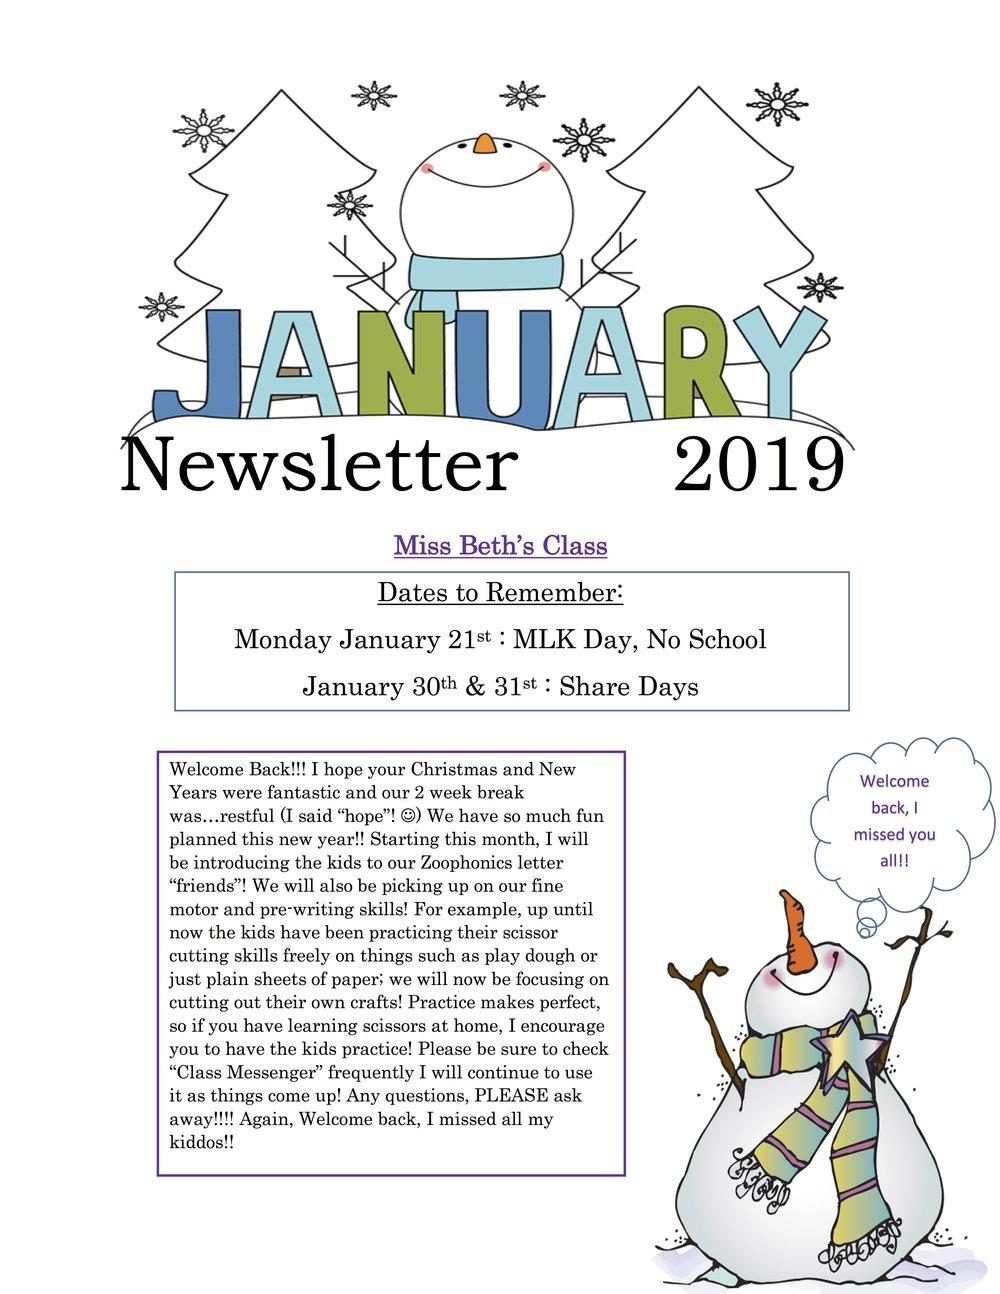 January Newsletter preschool.jpg